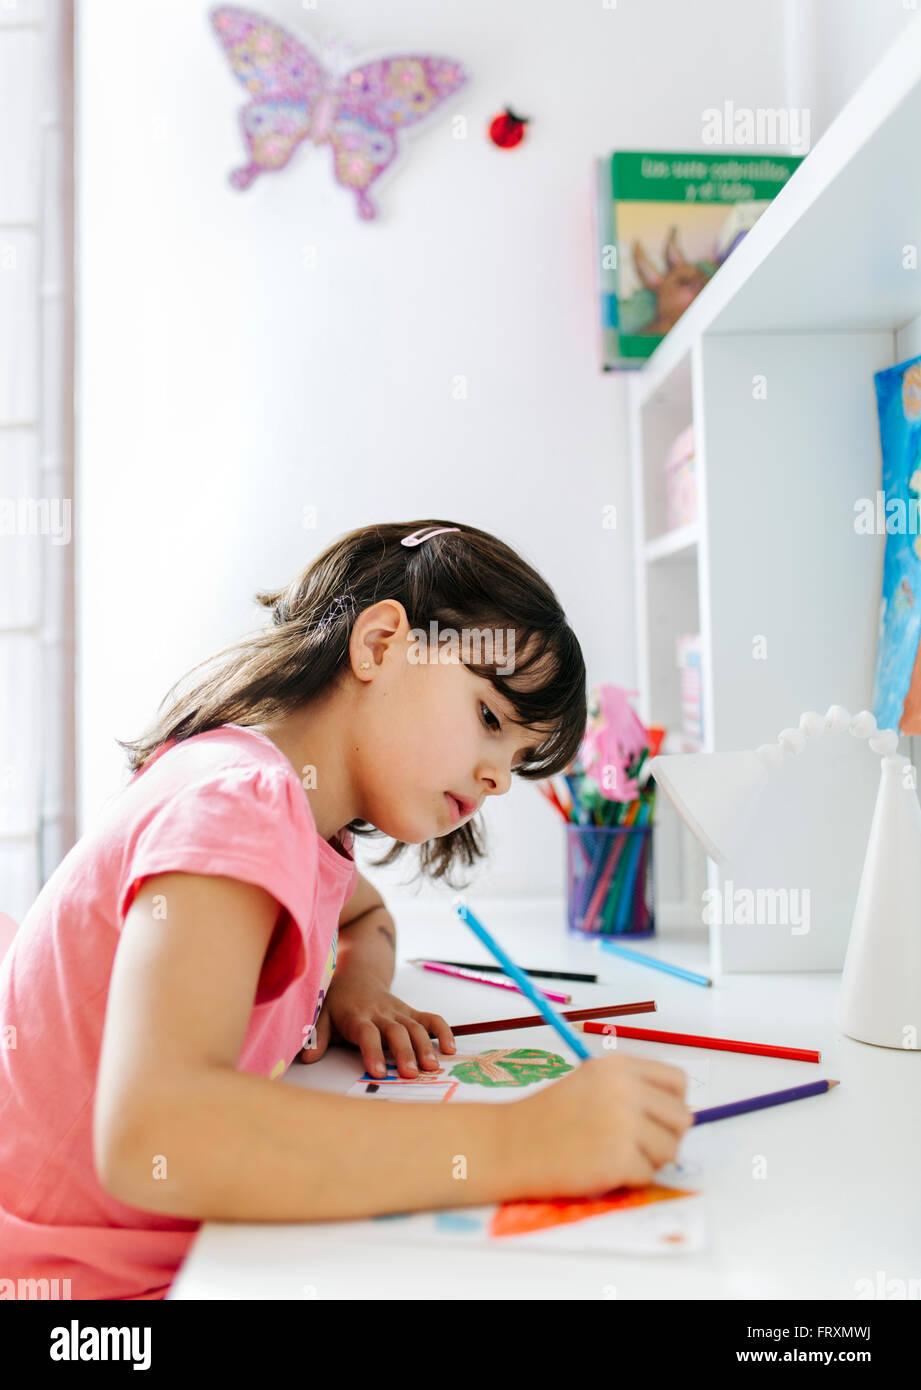 Dibujo de niña sobre su escritorio en casa Imagen De Stock